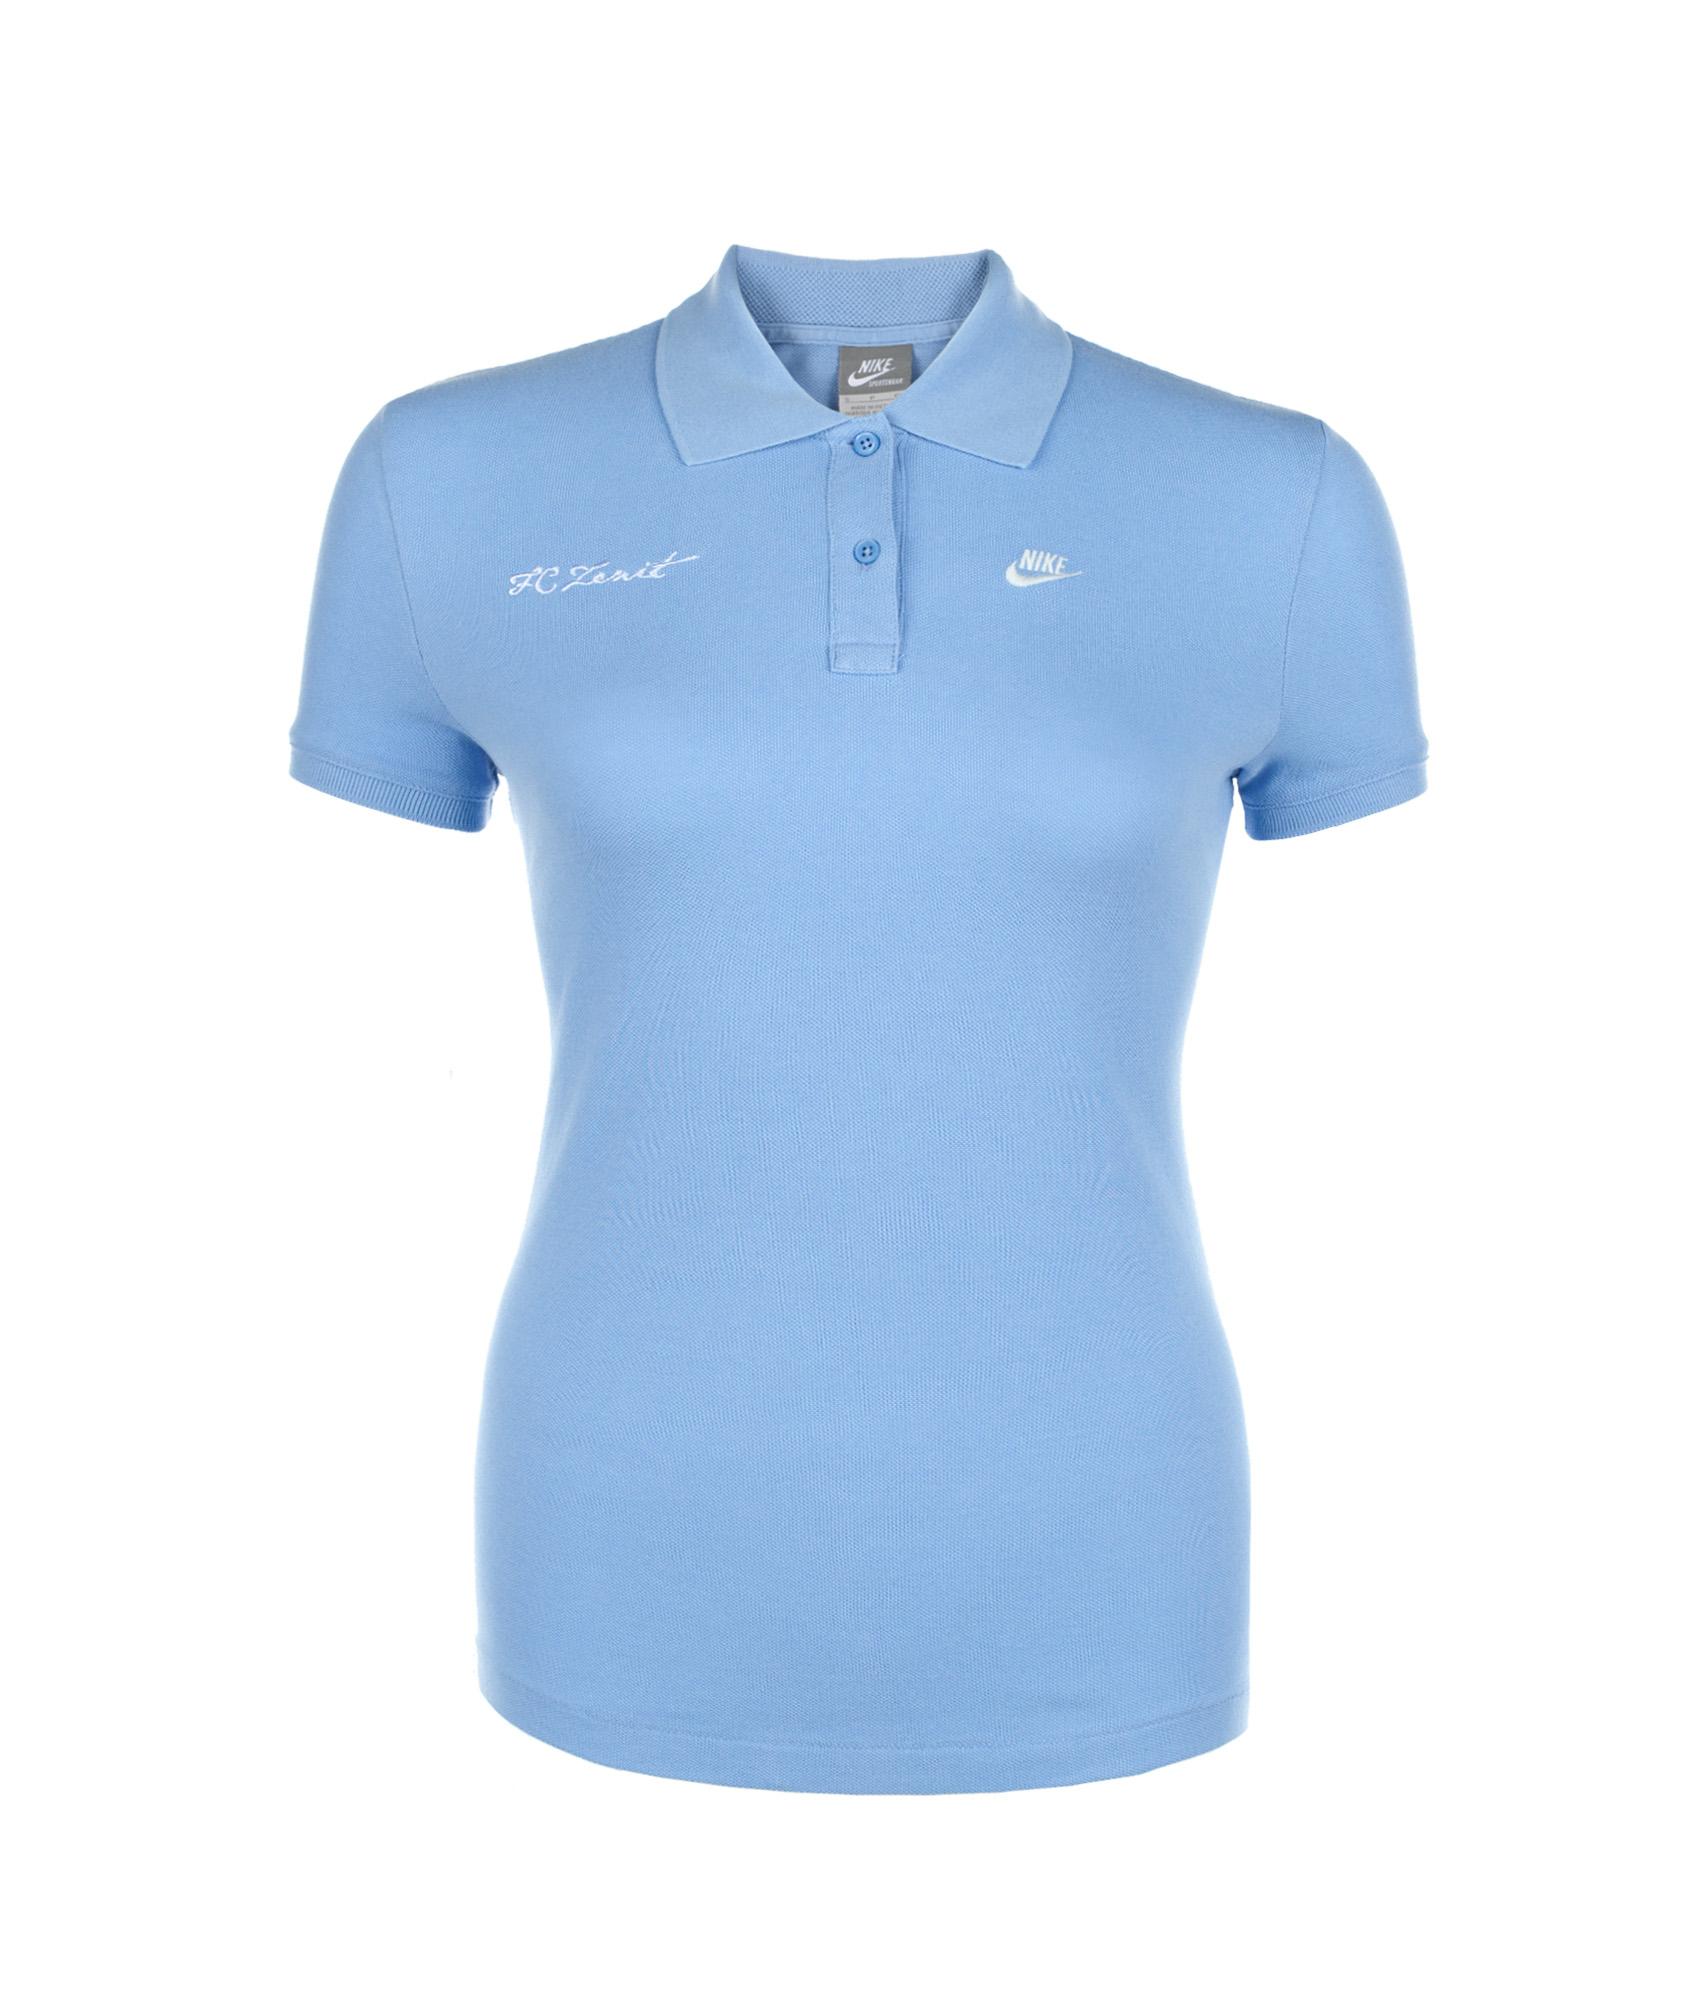 Поло женское Nike REGULAR FIT WASHED POLO, Цвет-Голубой, Размер-M